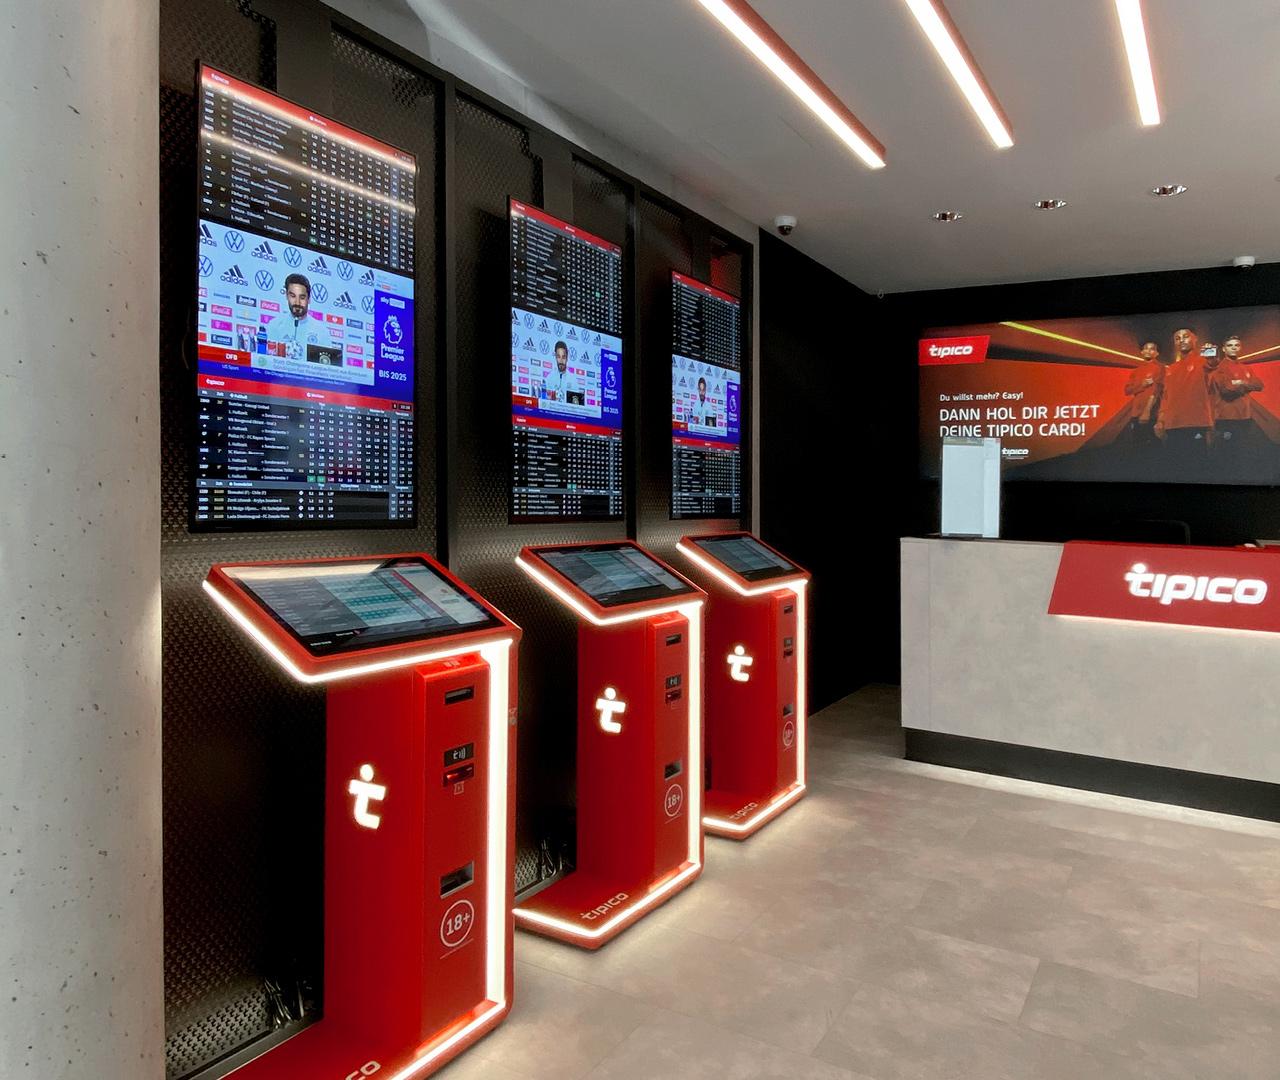 Tipico Shopkonzept 2.0: Wett-Terminal und Tresen